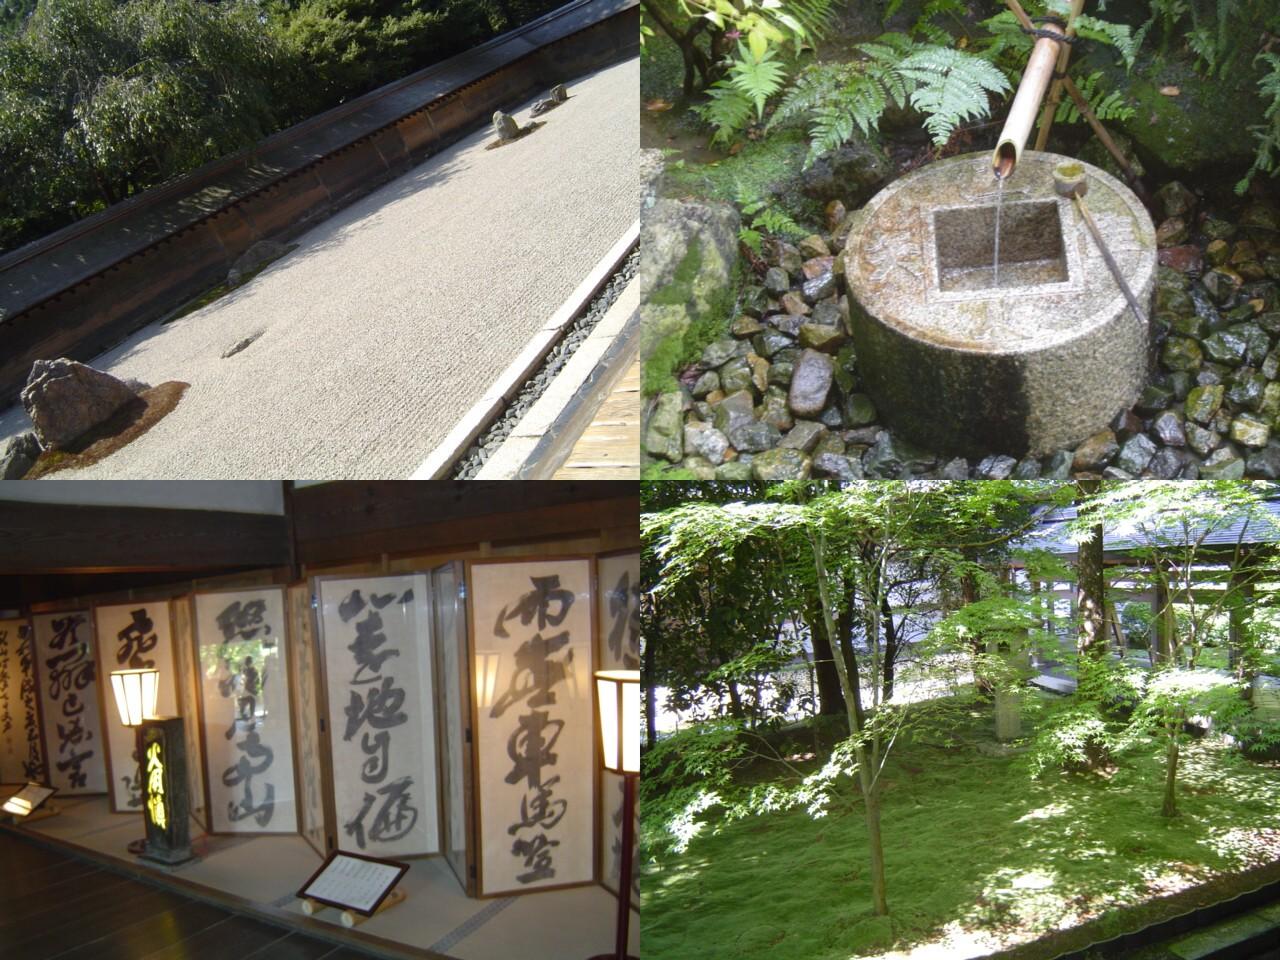 初USJ & 京都観光_d0101000_22364352.jpg